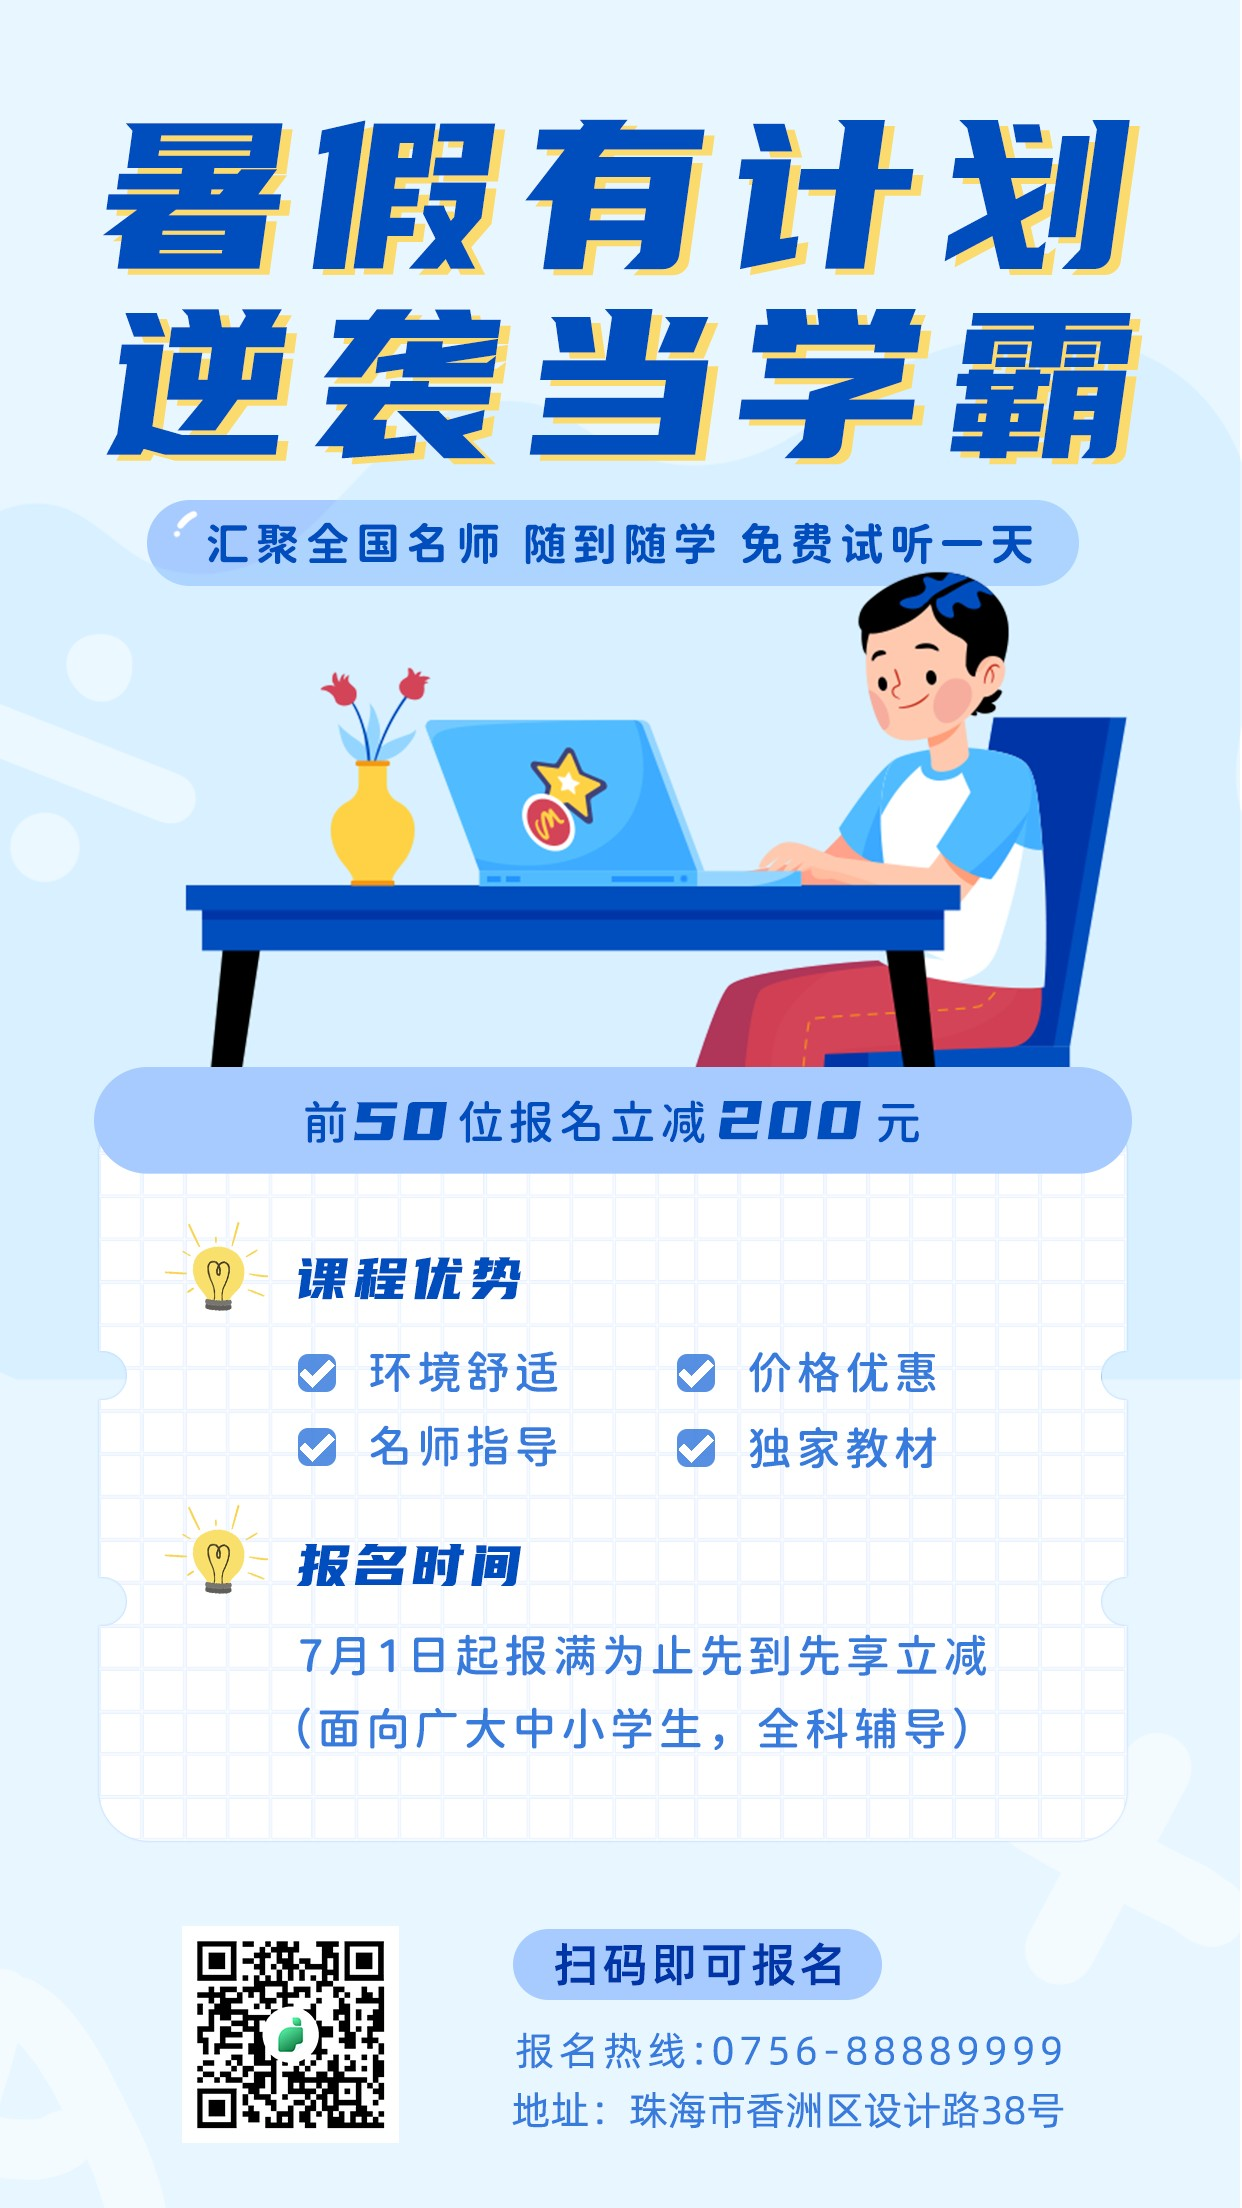 扁平教育培训暑假手机海报